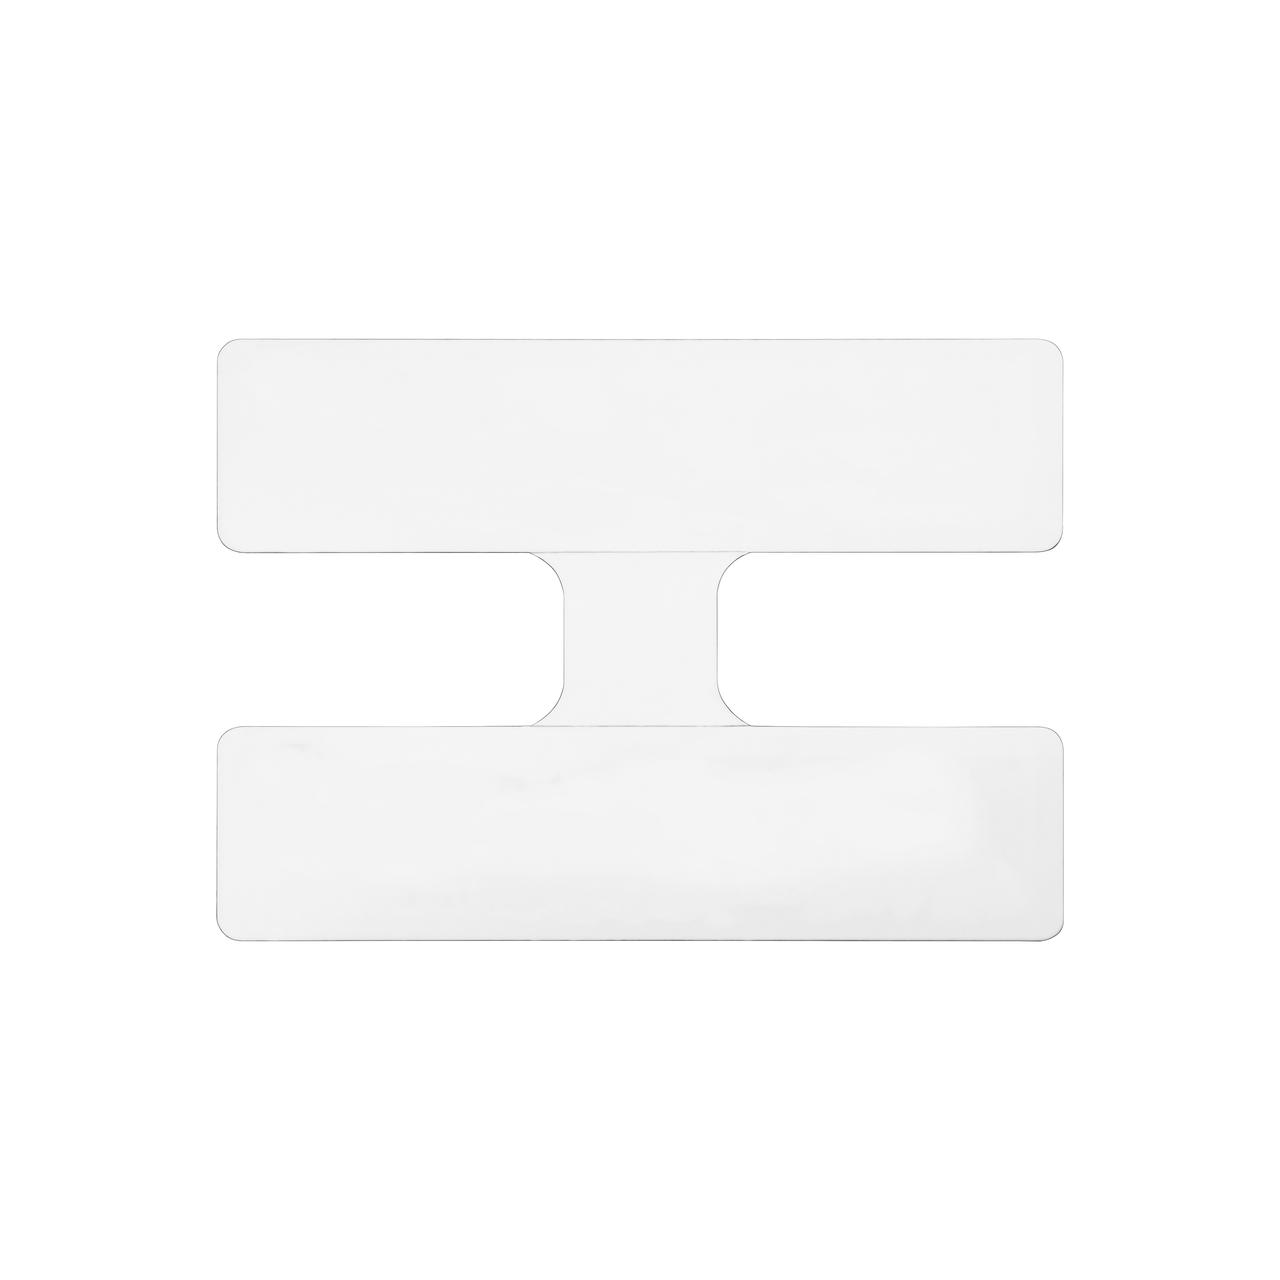 Confidex Silverline Micro™ RFID Tag (Monza 4i)